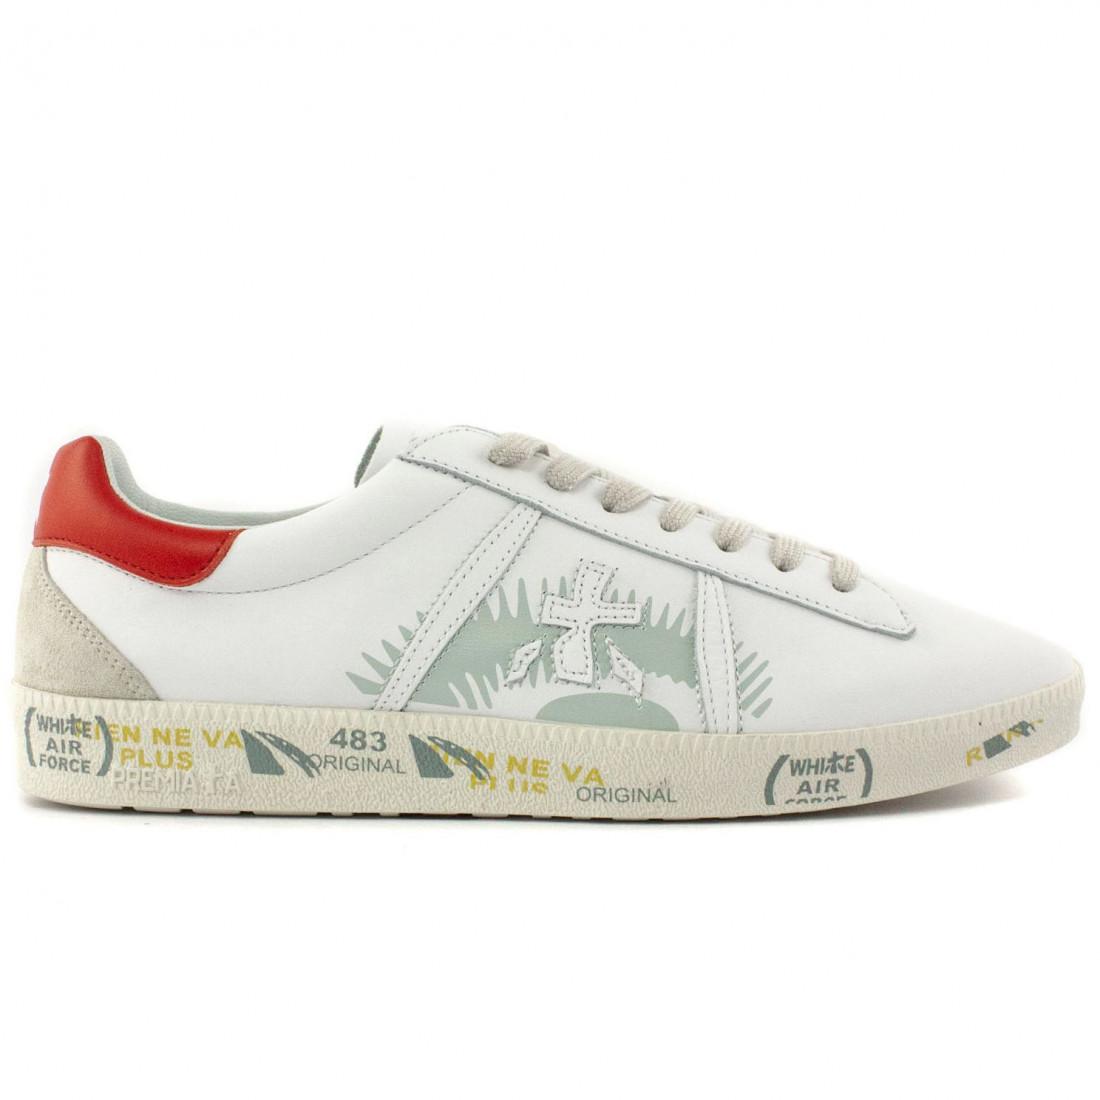 sneakers man premiata andy5144 8199